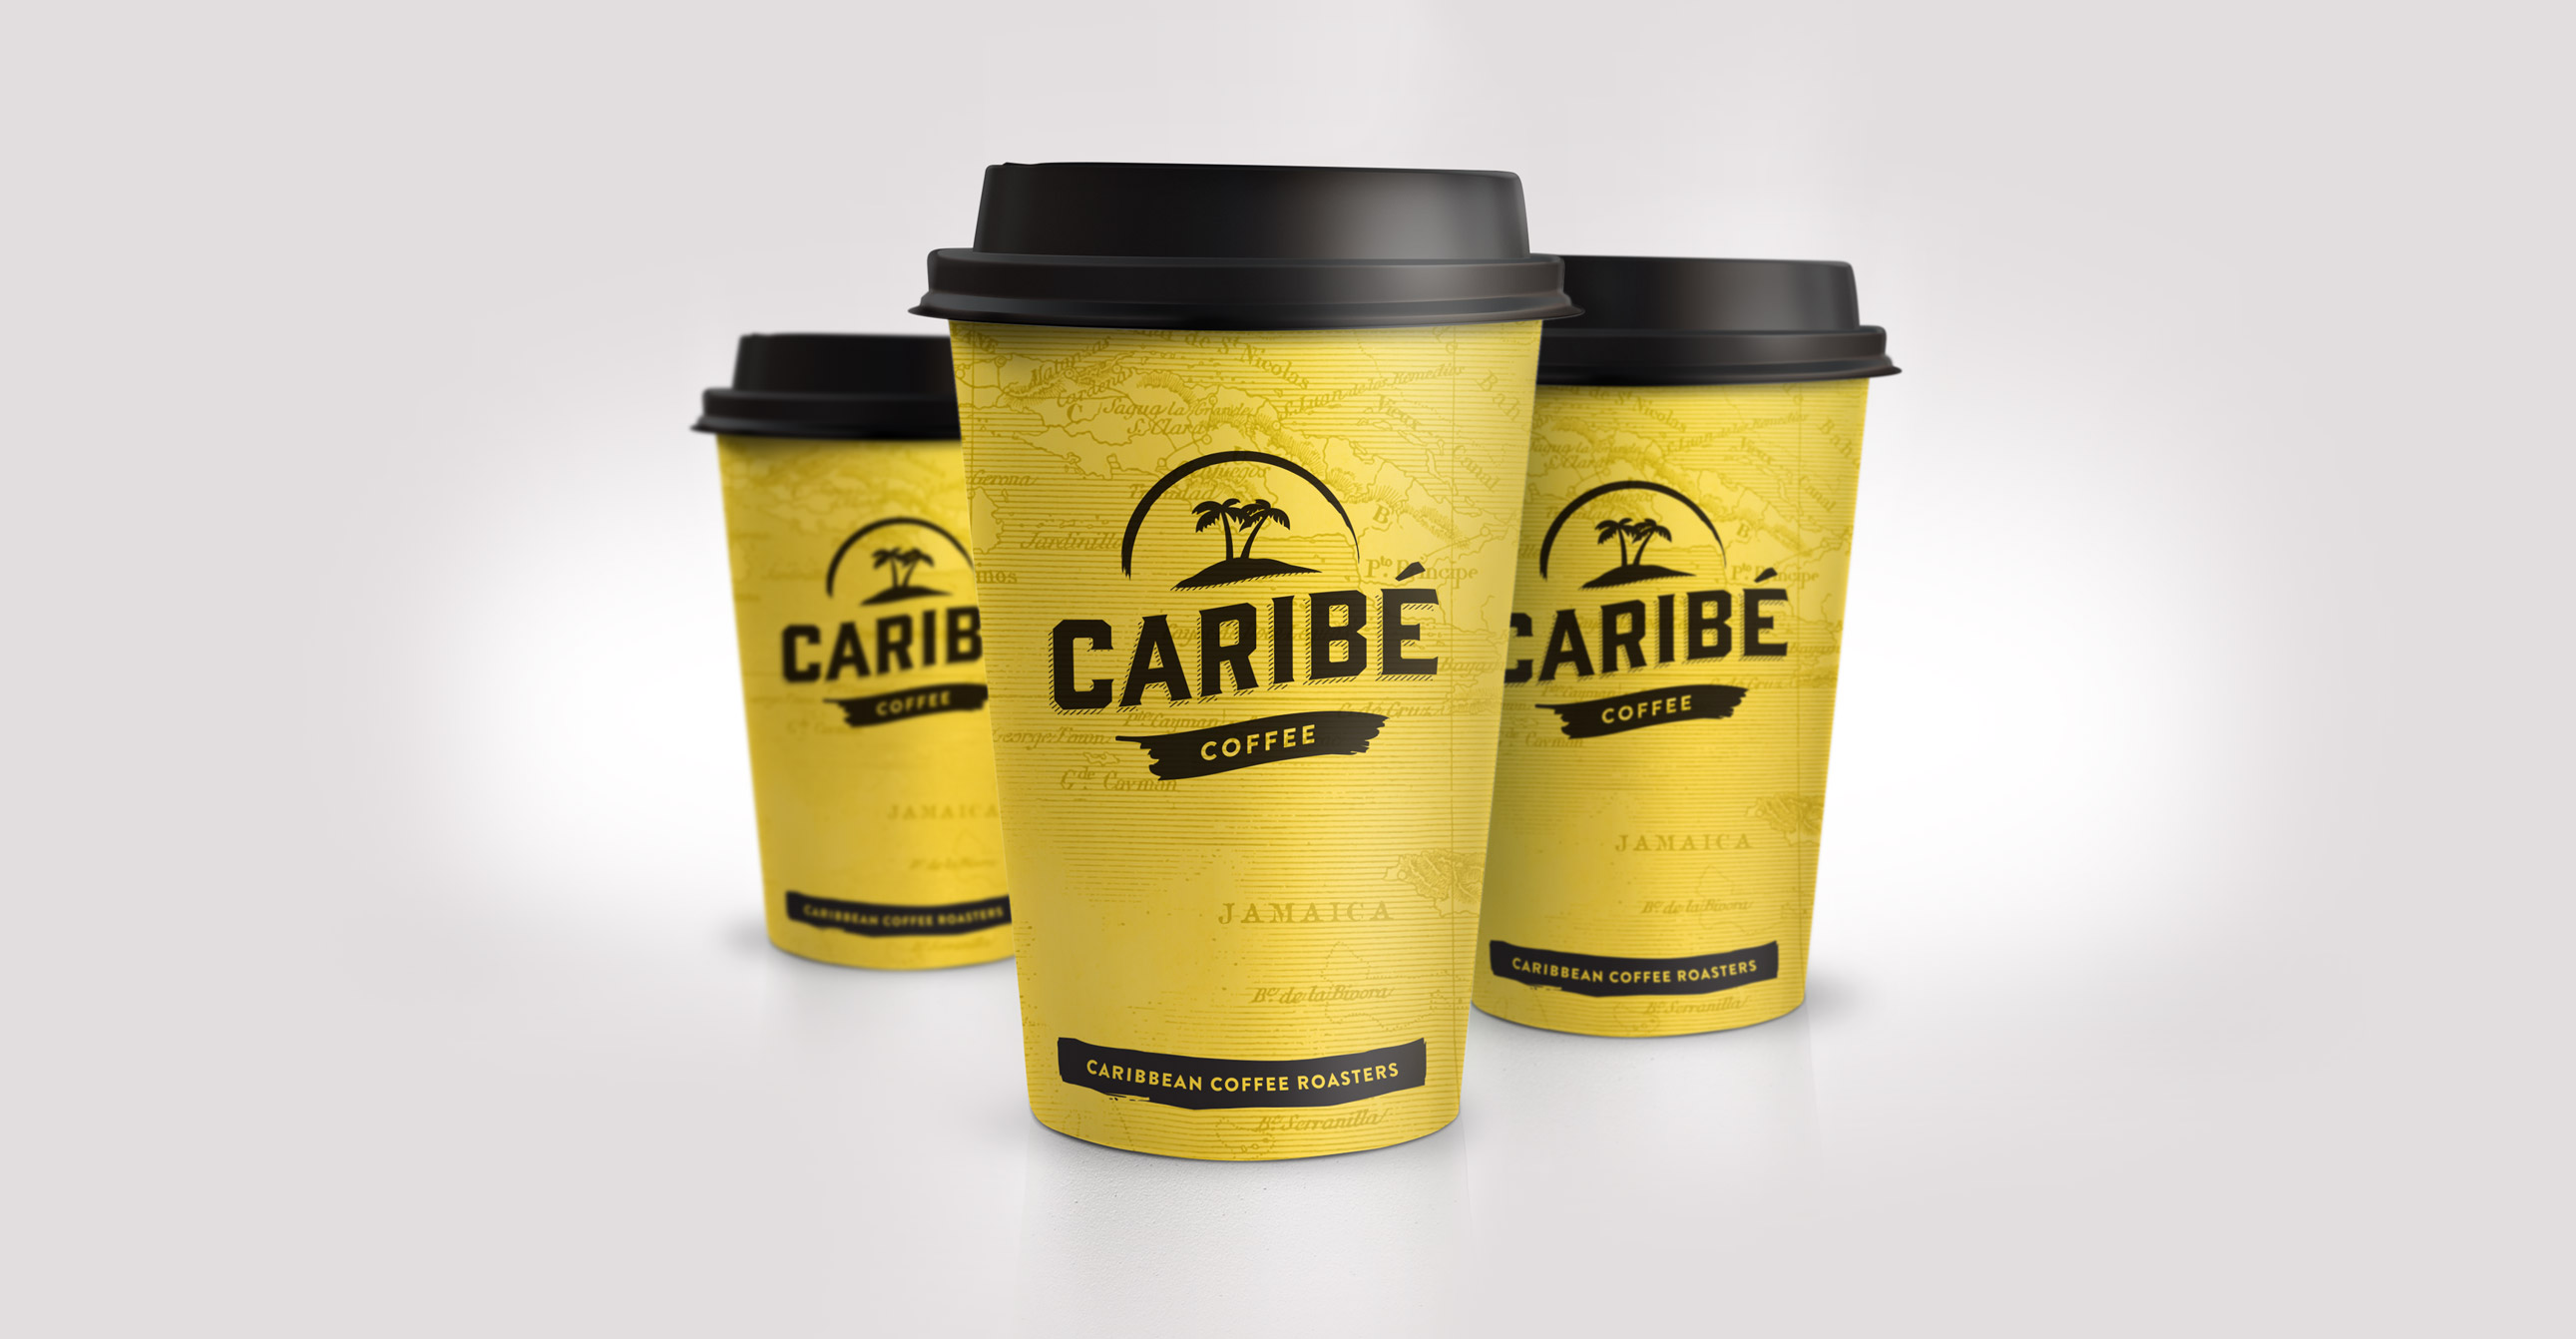 caribe_3.jpg